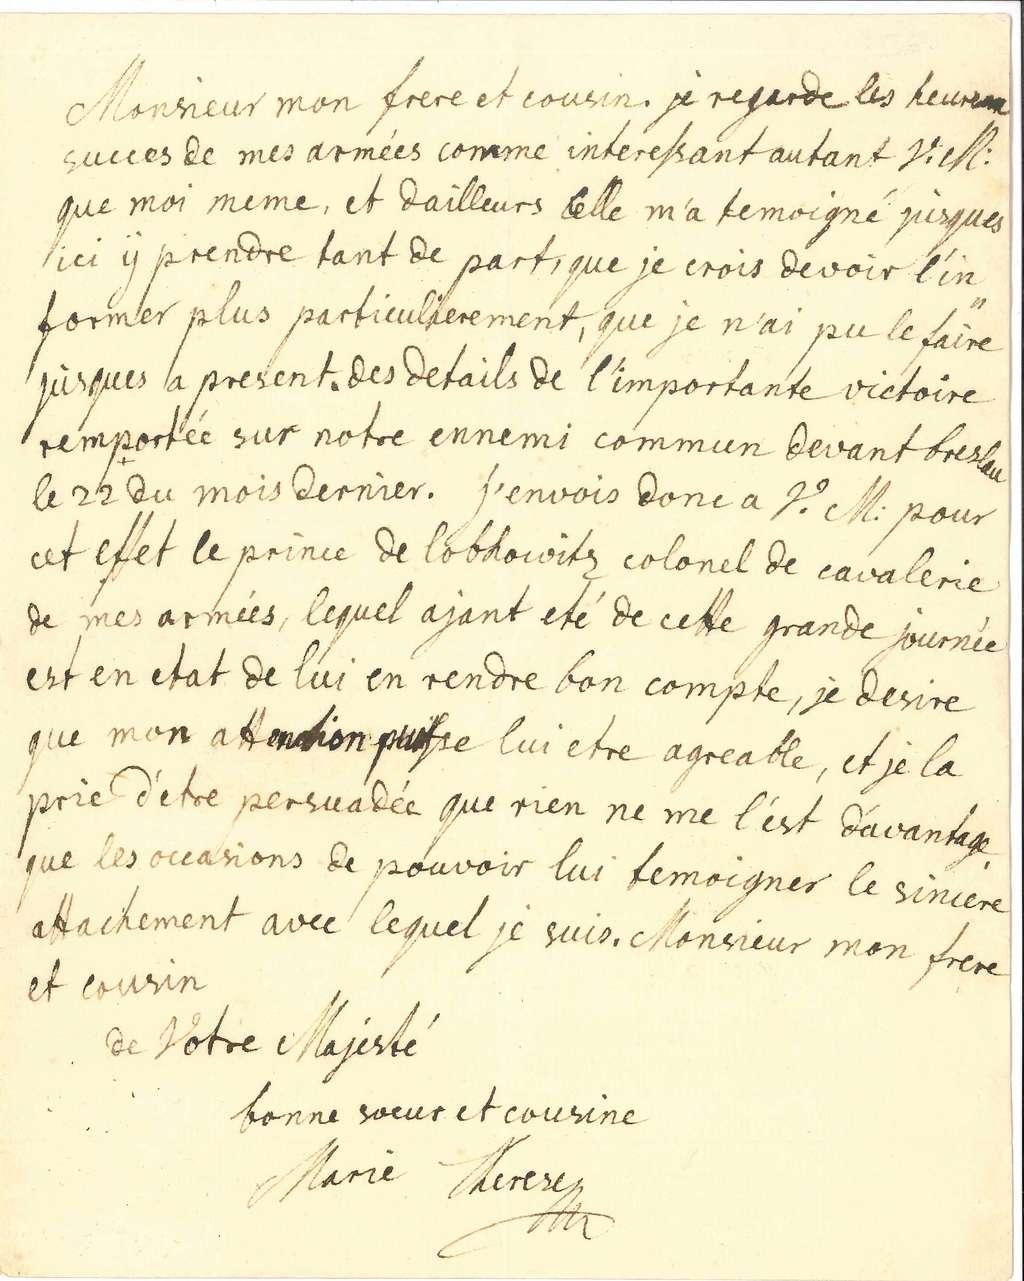 Lettres, autographes et écrits de Marie-Thérèse, mère de Marie-Antoinette 14915510